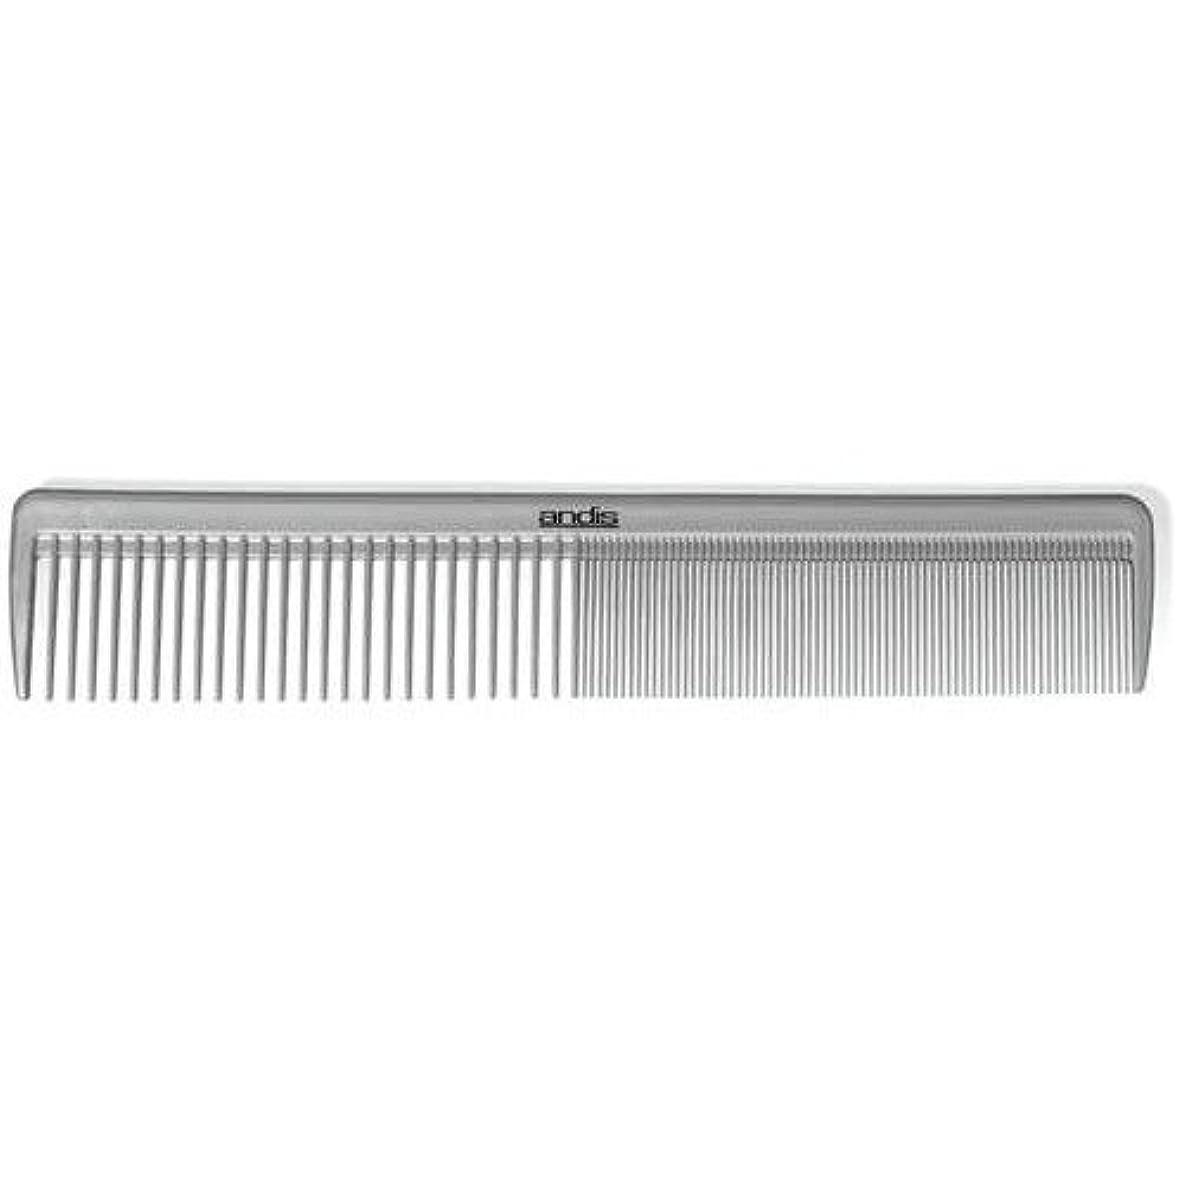 アルネウェブベックスAndis Grey 12410 Cutting Comb [並行輸入品]